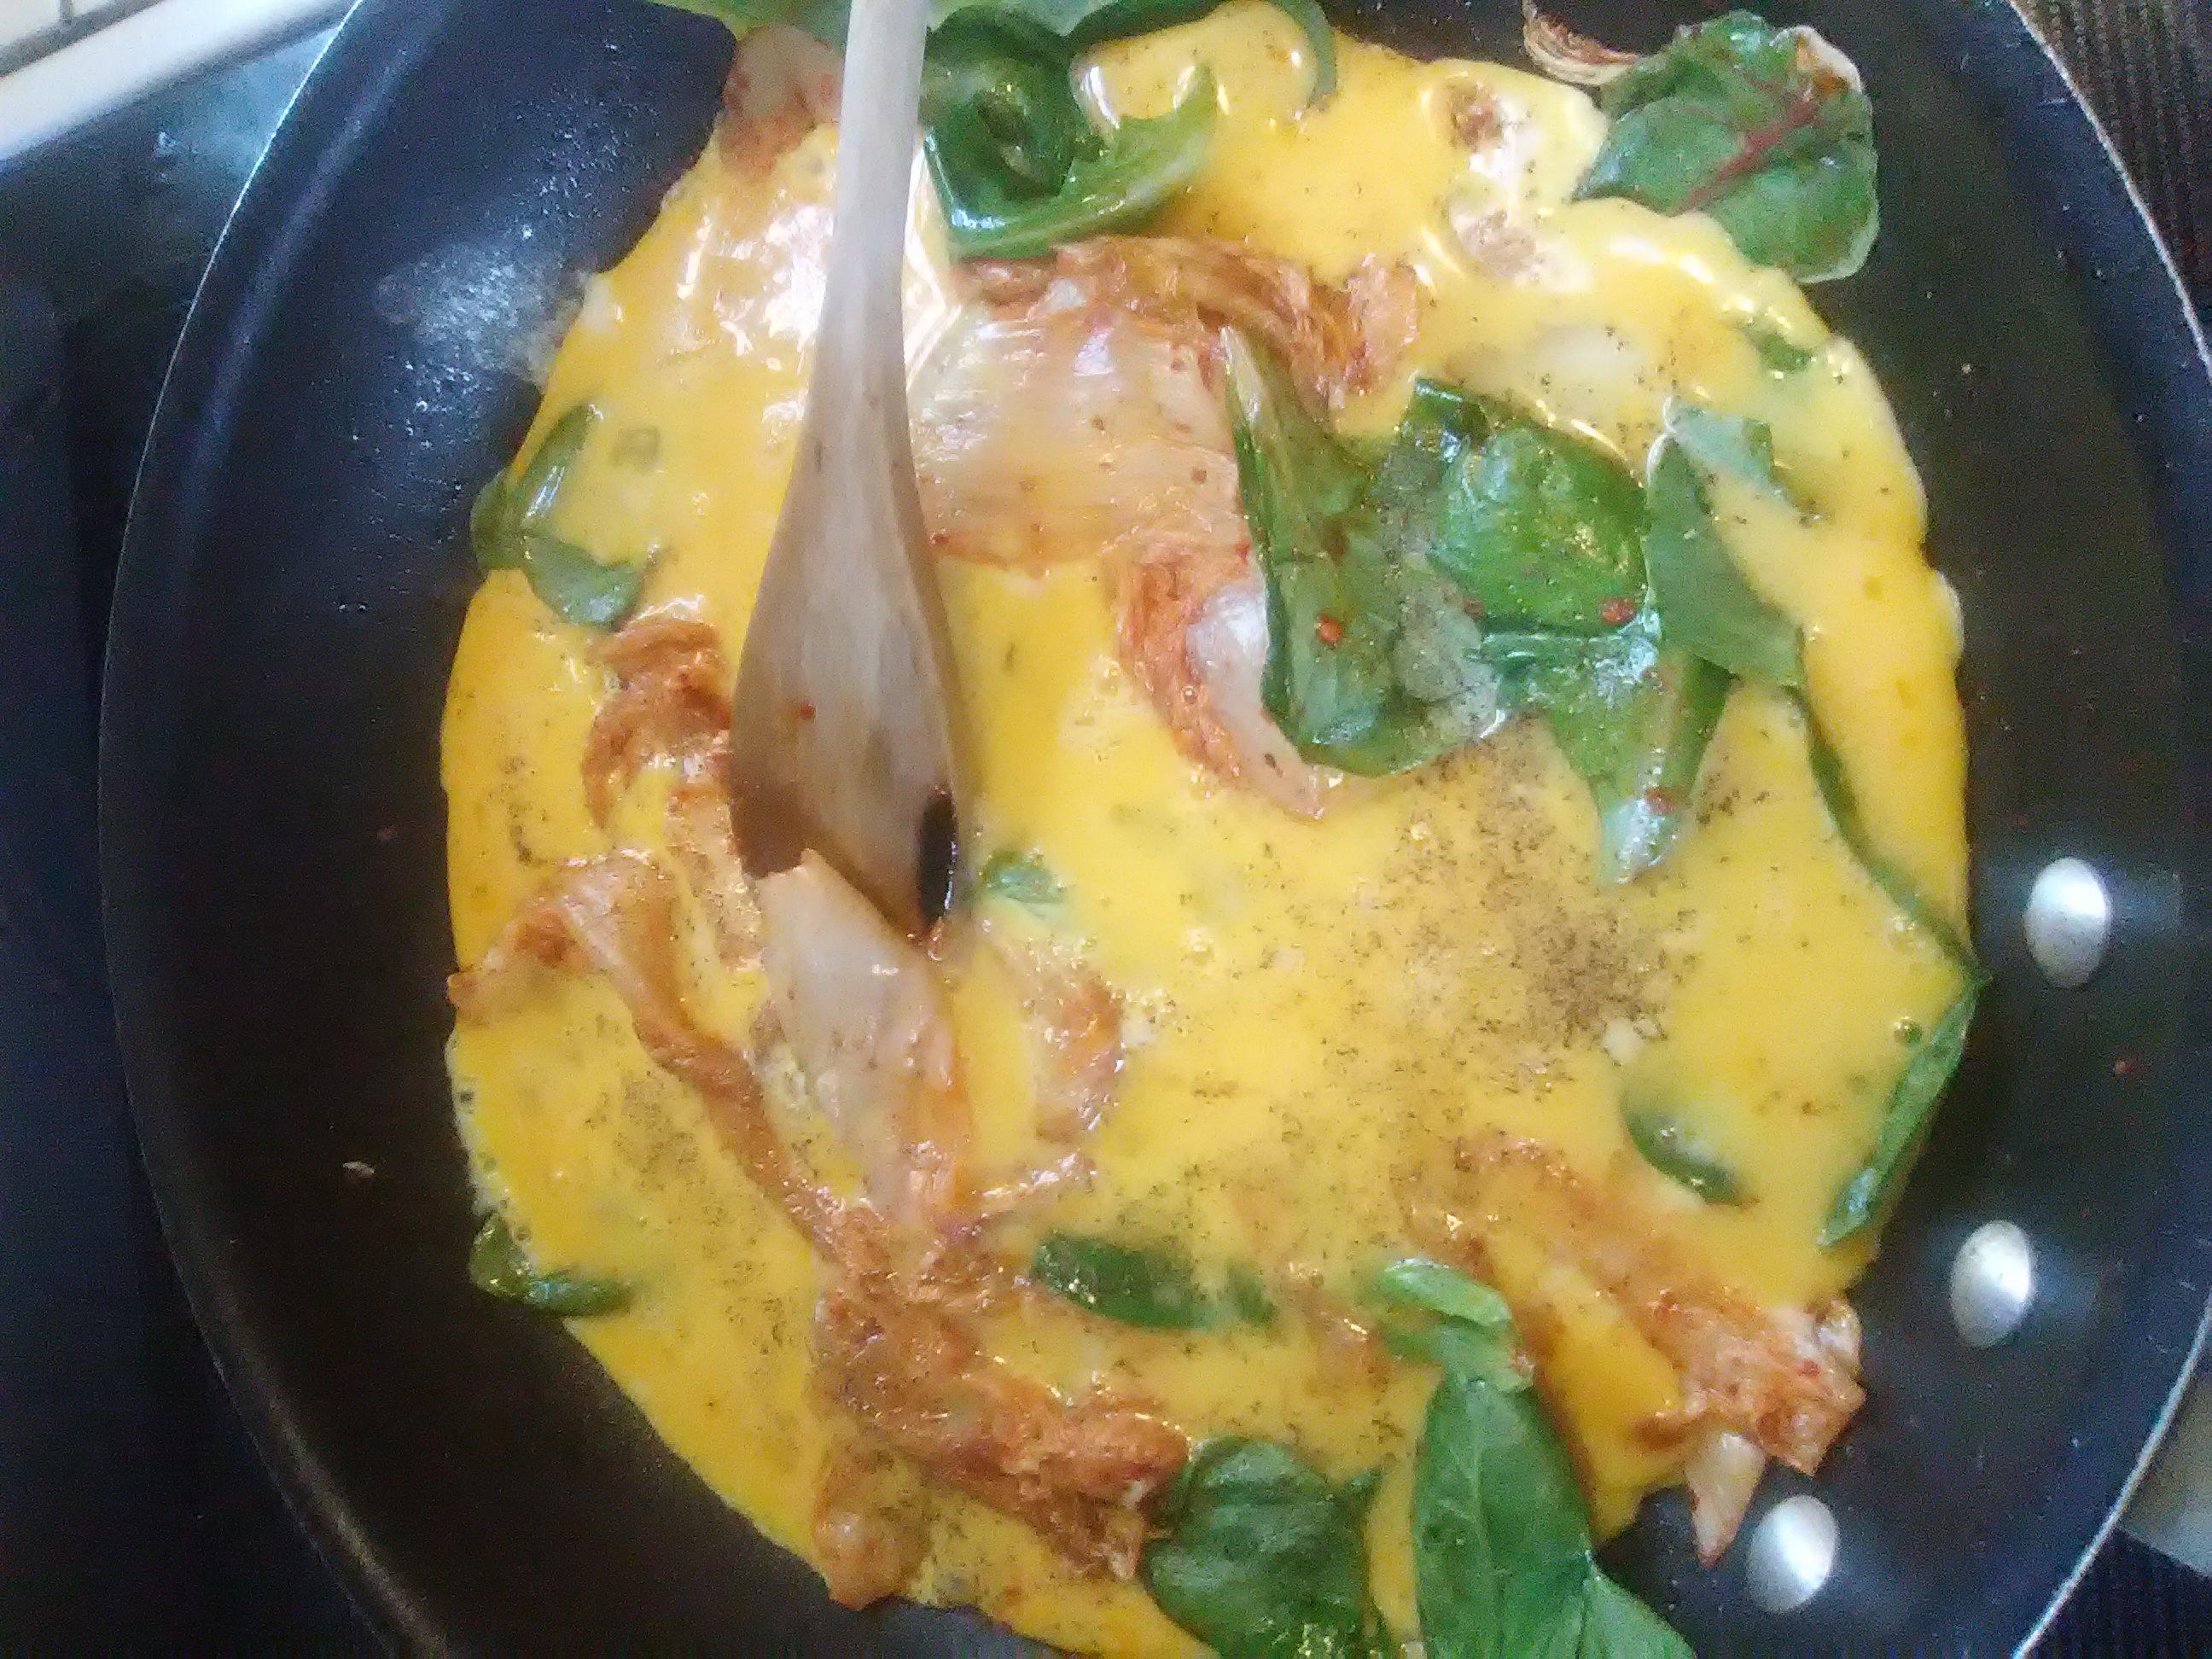 Mom's Kimchi Egg NanaDebbie